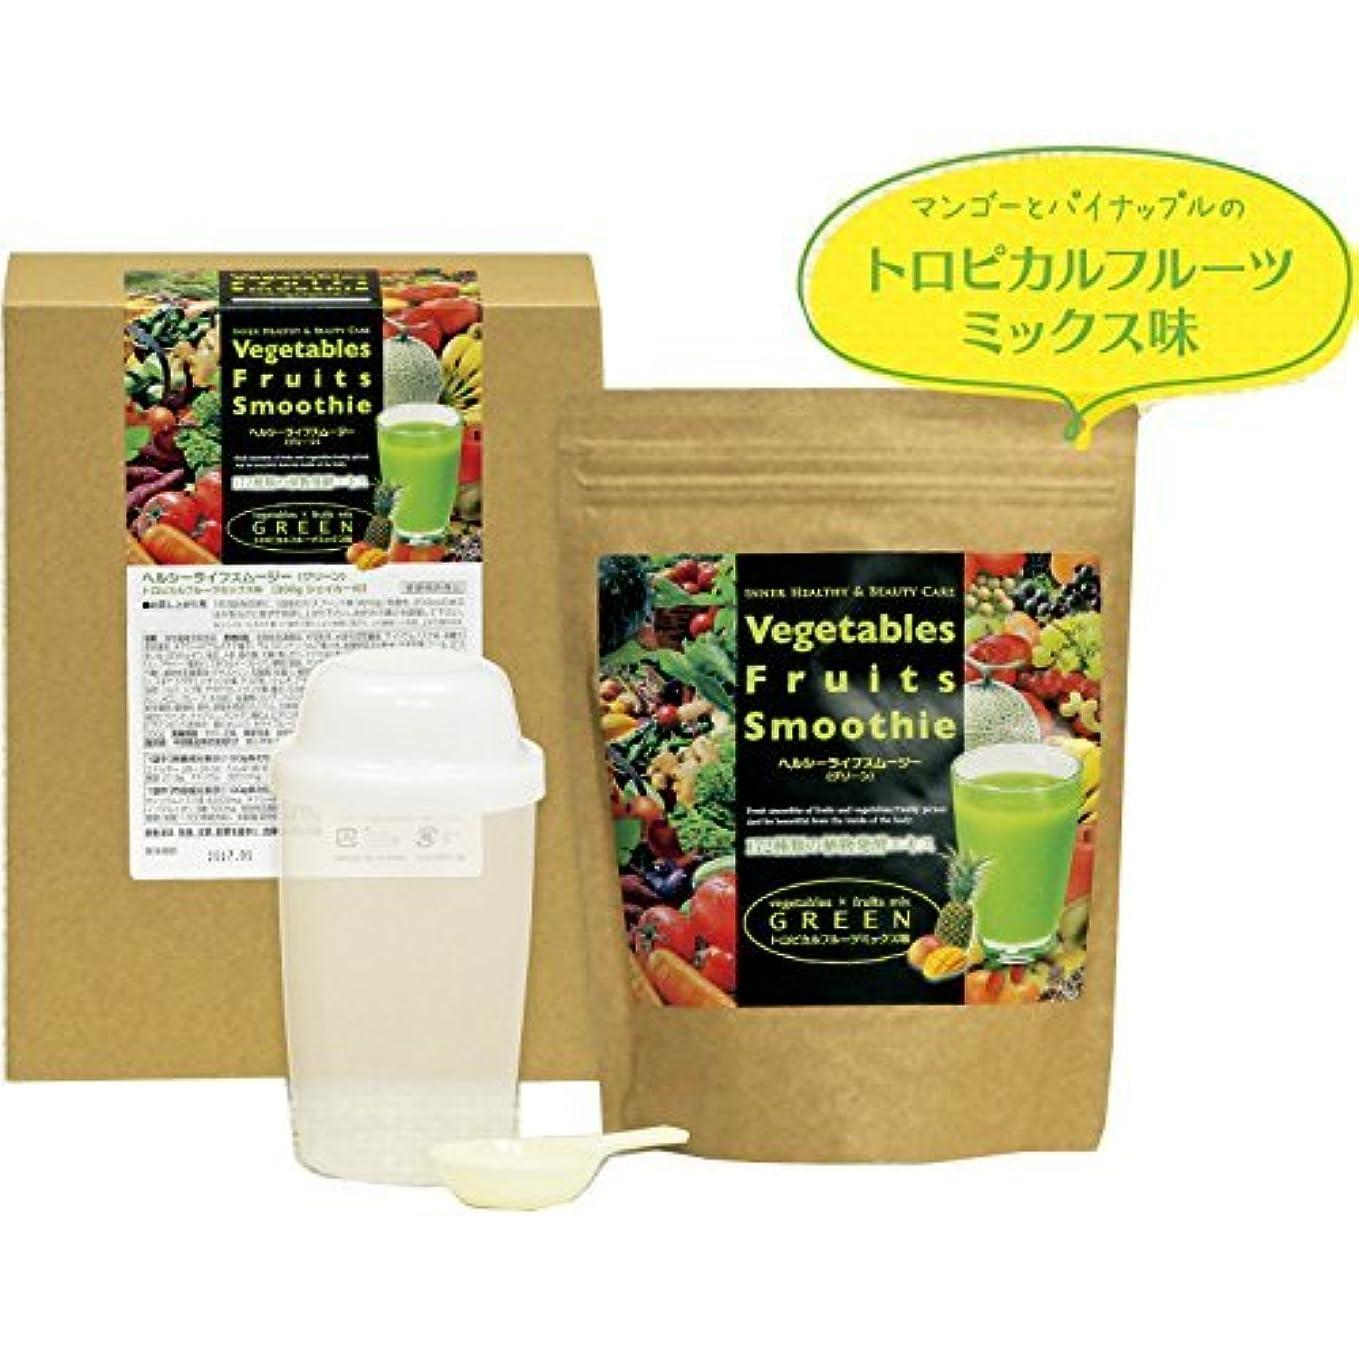 メロドラマティック快適契約したVegetables Fruits Smoothie ヘルシーライフスムージー(グリーン)トロピカルフルーツミックス味(300g シェイカー付) 日本製